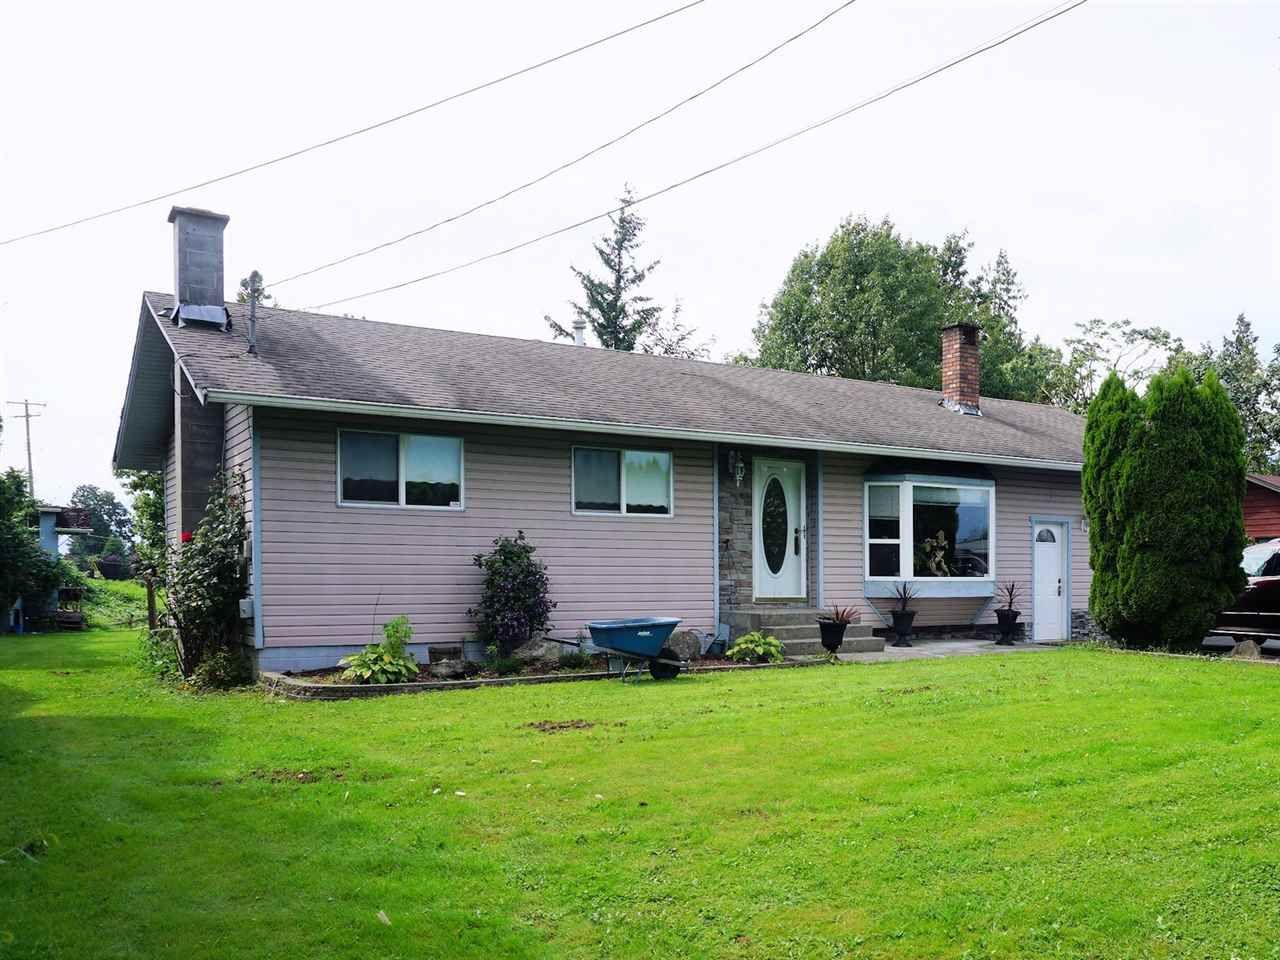 """Photo 2: Photos: 10405 MCGRATH Road in Rosedale: Rosedale Popkum House for sale in """"ROSEDALE POPKUM"""" : MLS®# R2093180"""